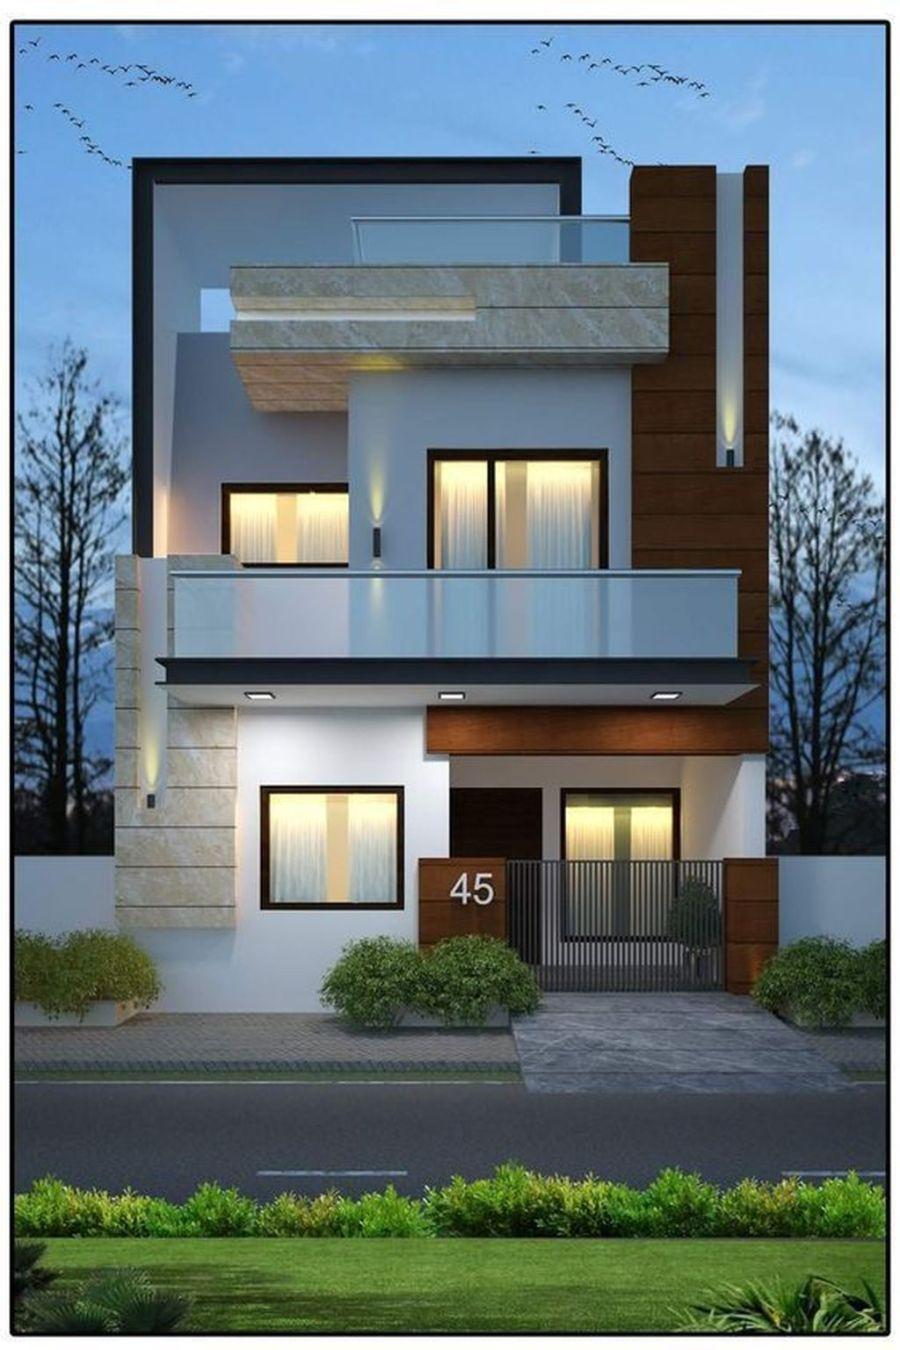 Stunning Modern House Design Ideas 26 Facade House Duplex House Design Small House Design Exterior